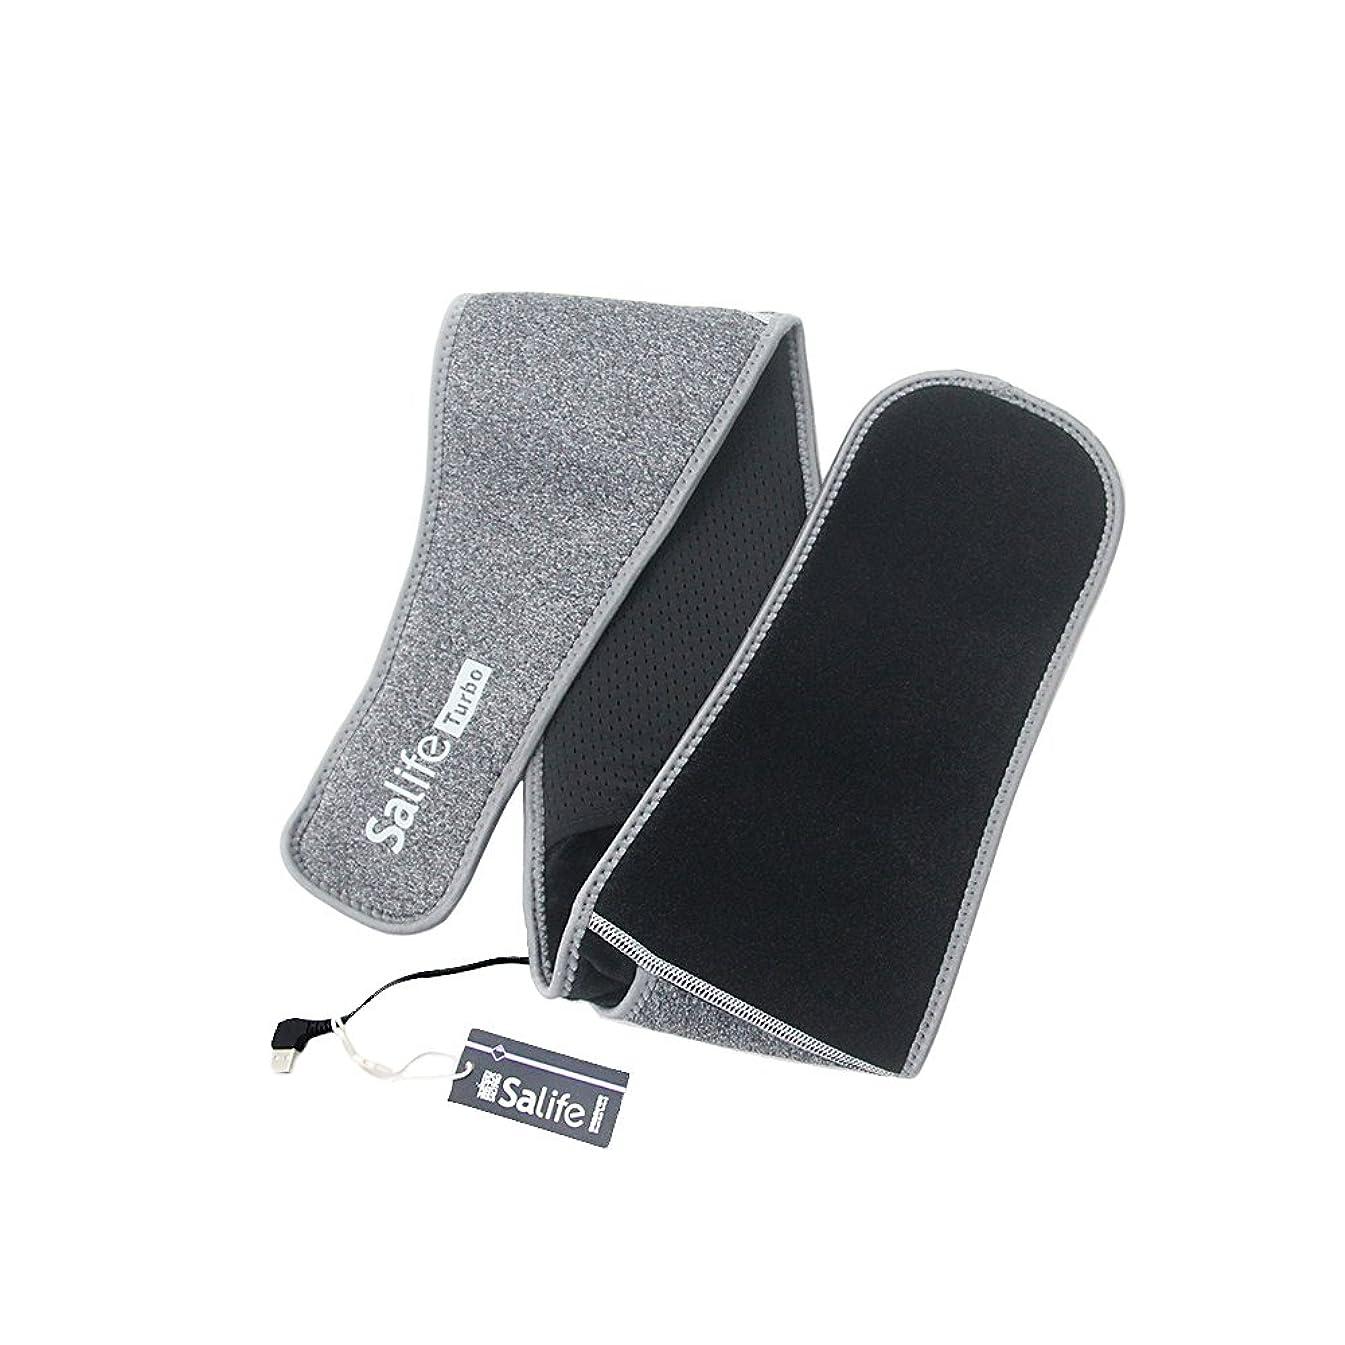 北極圏ビット冷淡なWORBEST SMART BELT 知能灸塩ベルト 三段階温度調節 USB充電式 遠赤外線発熱 冷え性対策 ストレス解消 腰痛 お腹温める ダイエット